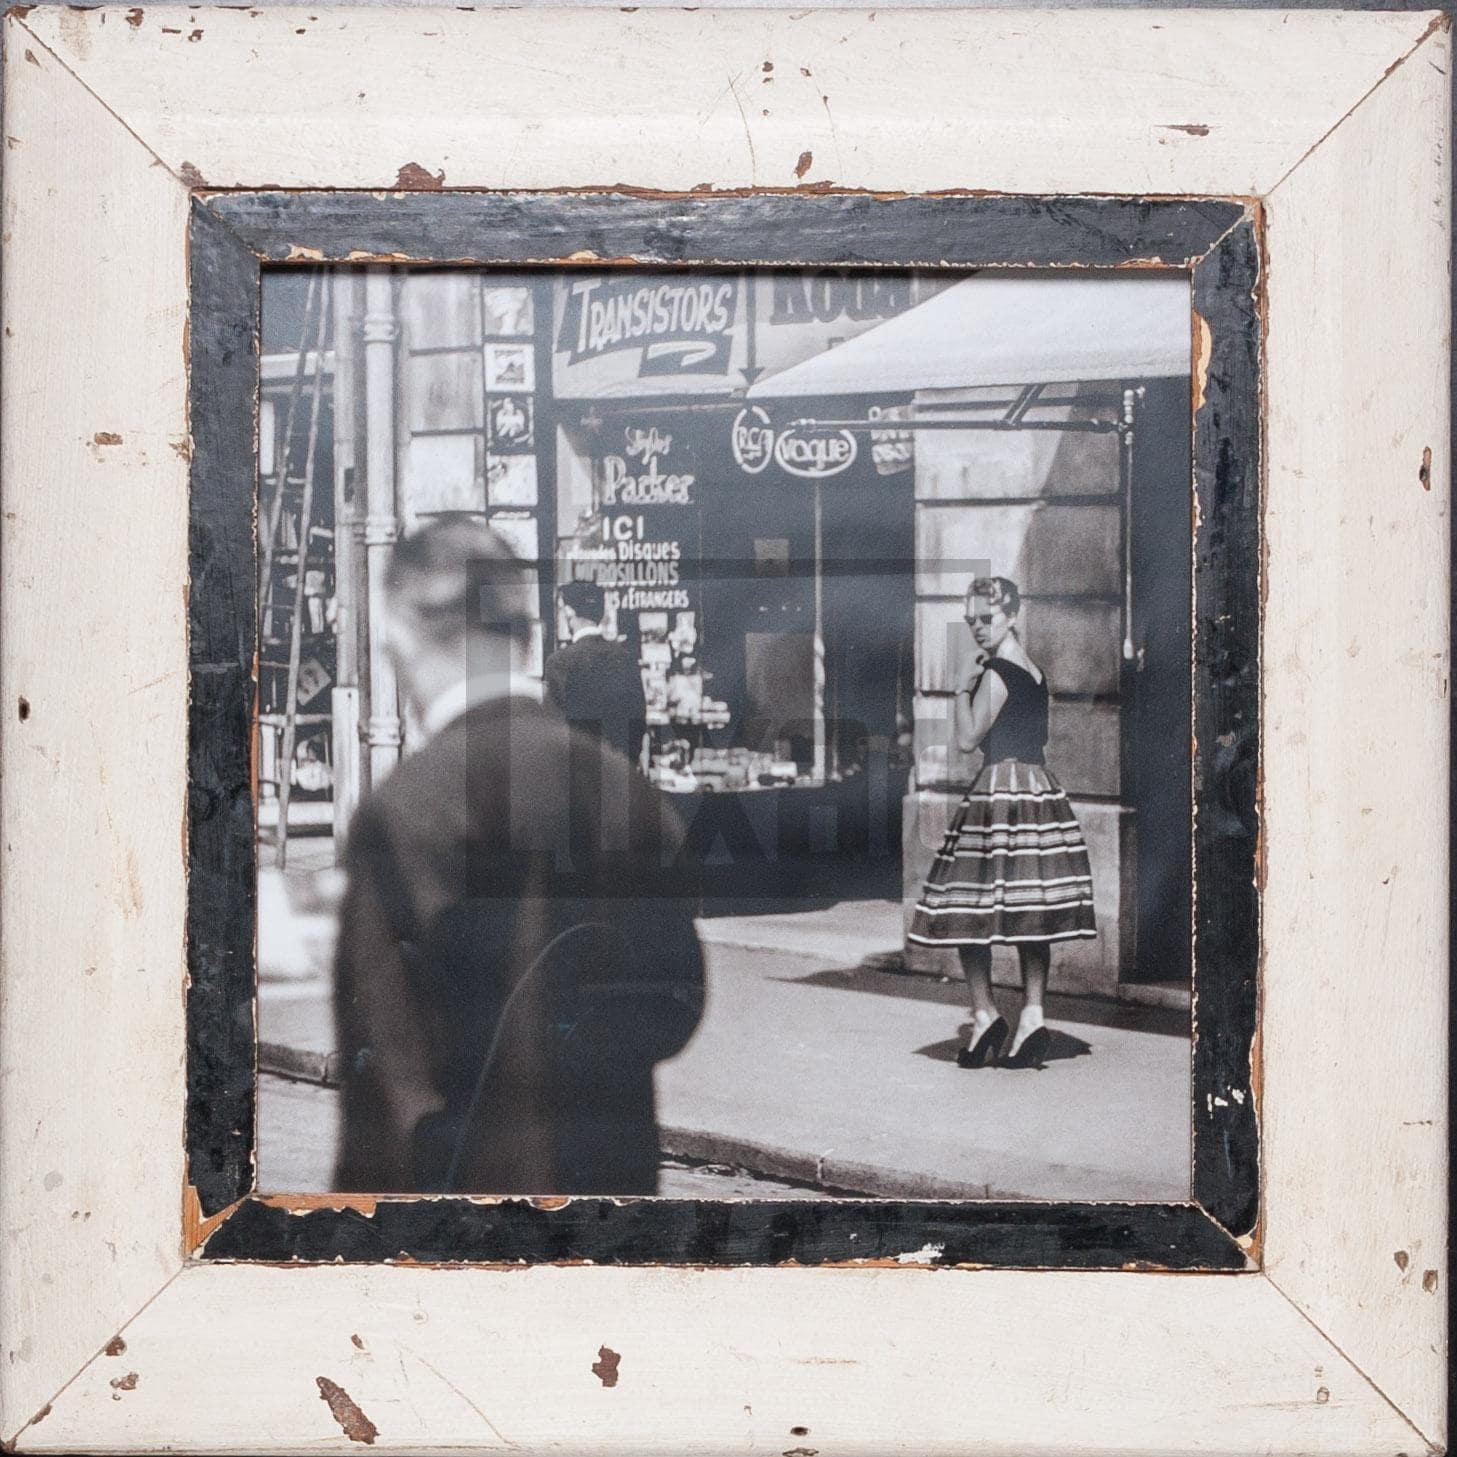 Quadratischer Bilderrahmen aus alten Holzleisten für quadratische 29,7 x 29,7 cm